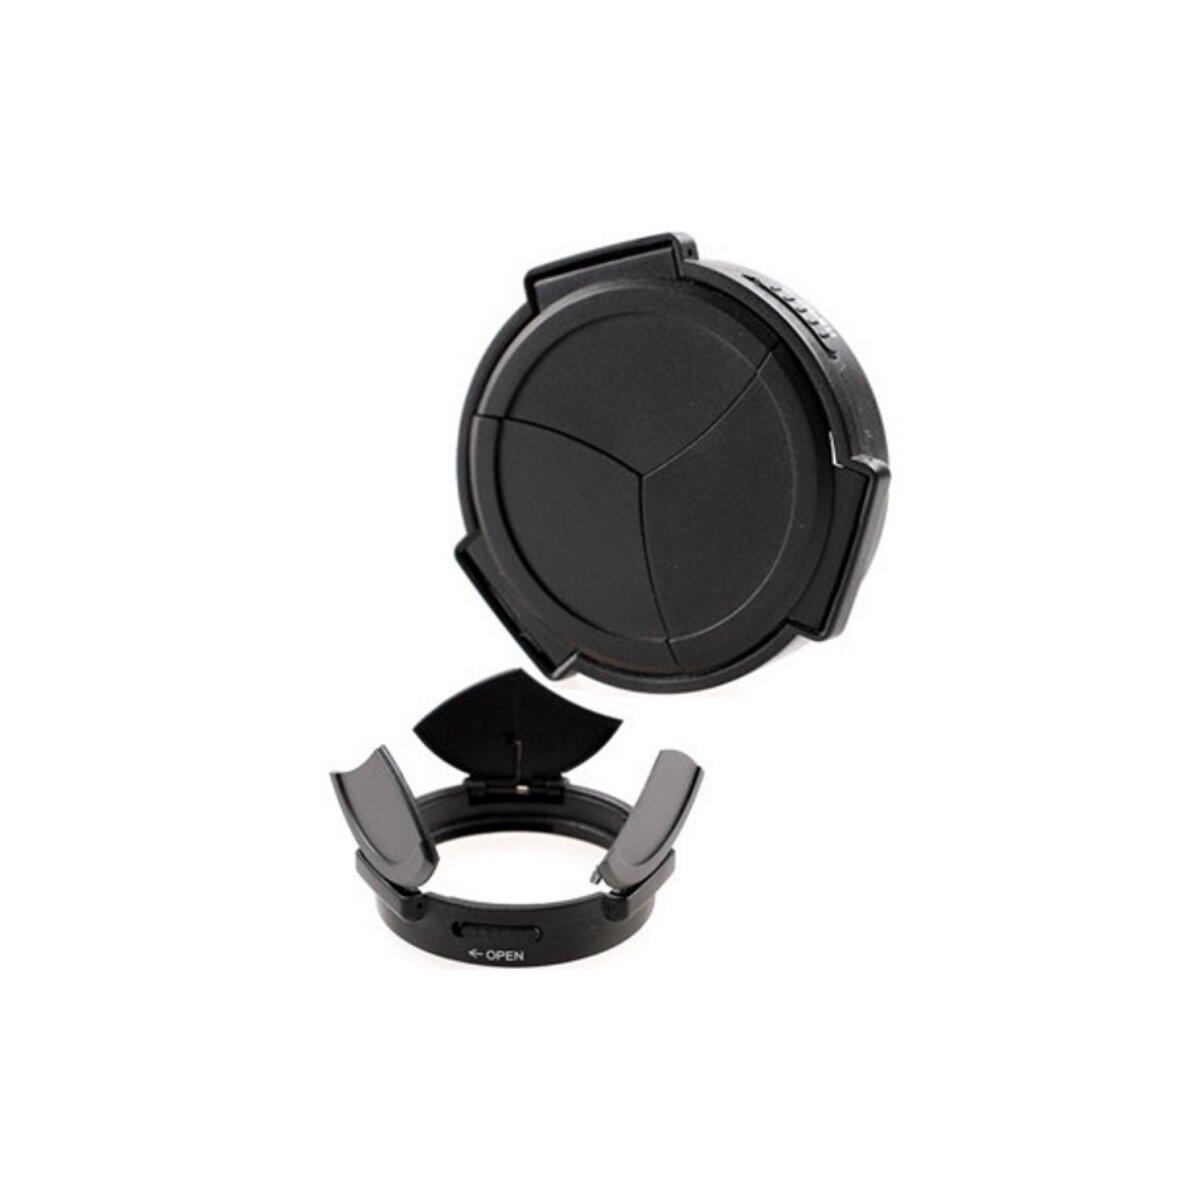 Automatik Objektivdeckel - Frontdeckel - Schutzdeckel - Sonnenblende für Fujifilm X100 ALC-X100